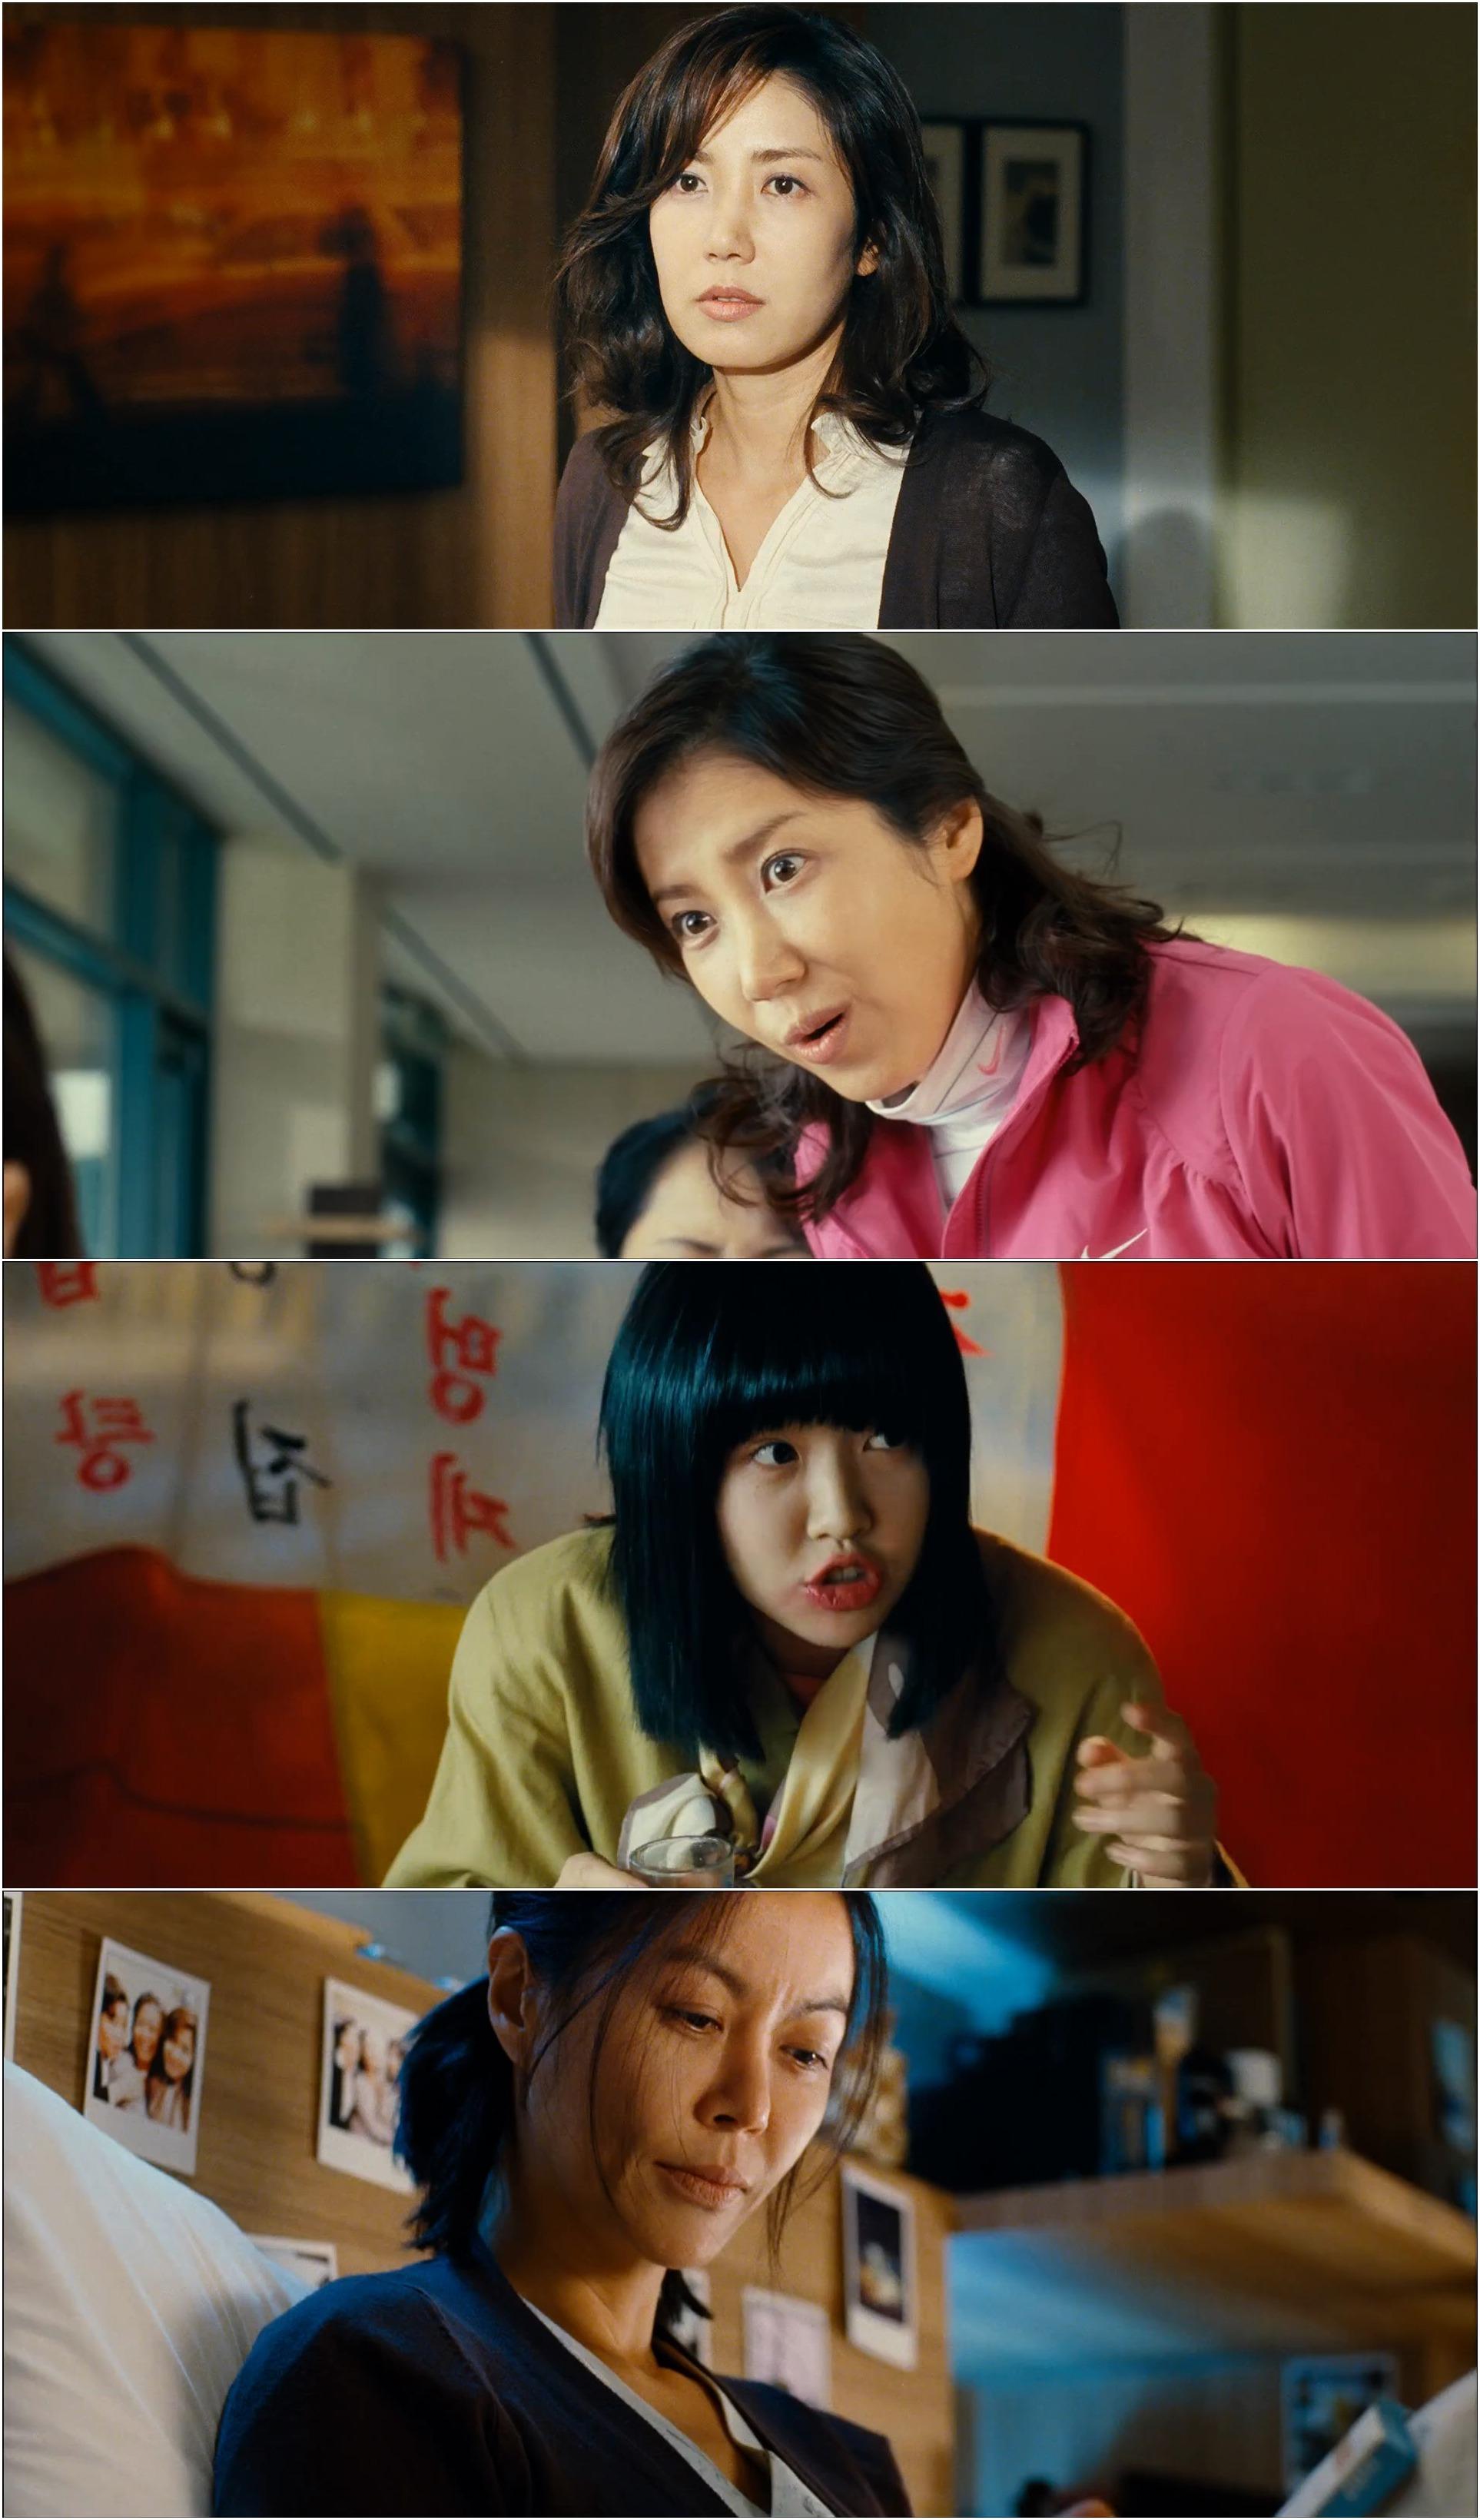 Nonton Film Sunny (2011) [BluRay] – Subtitle Indonesia